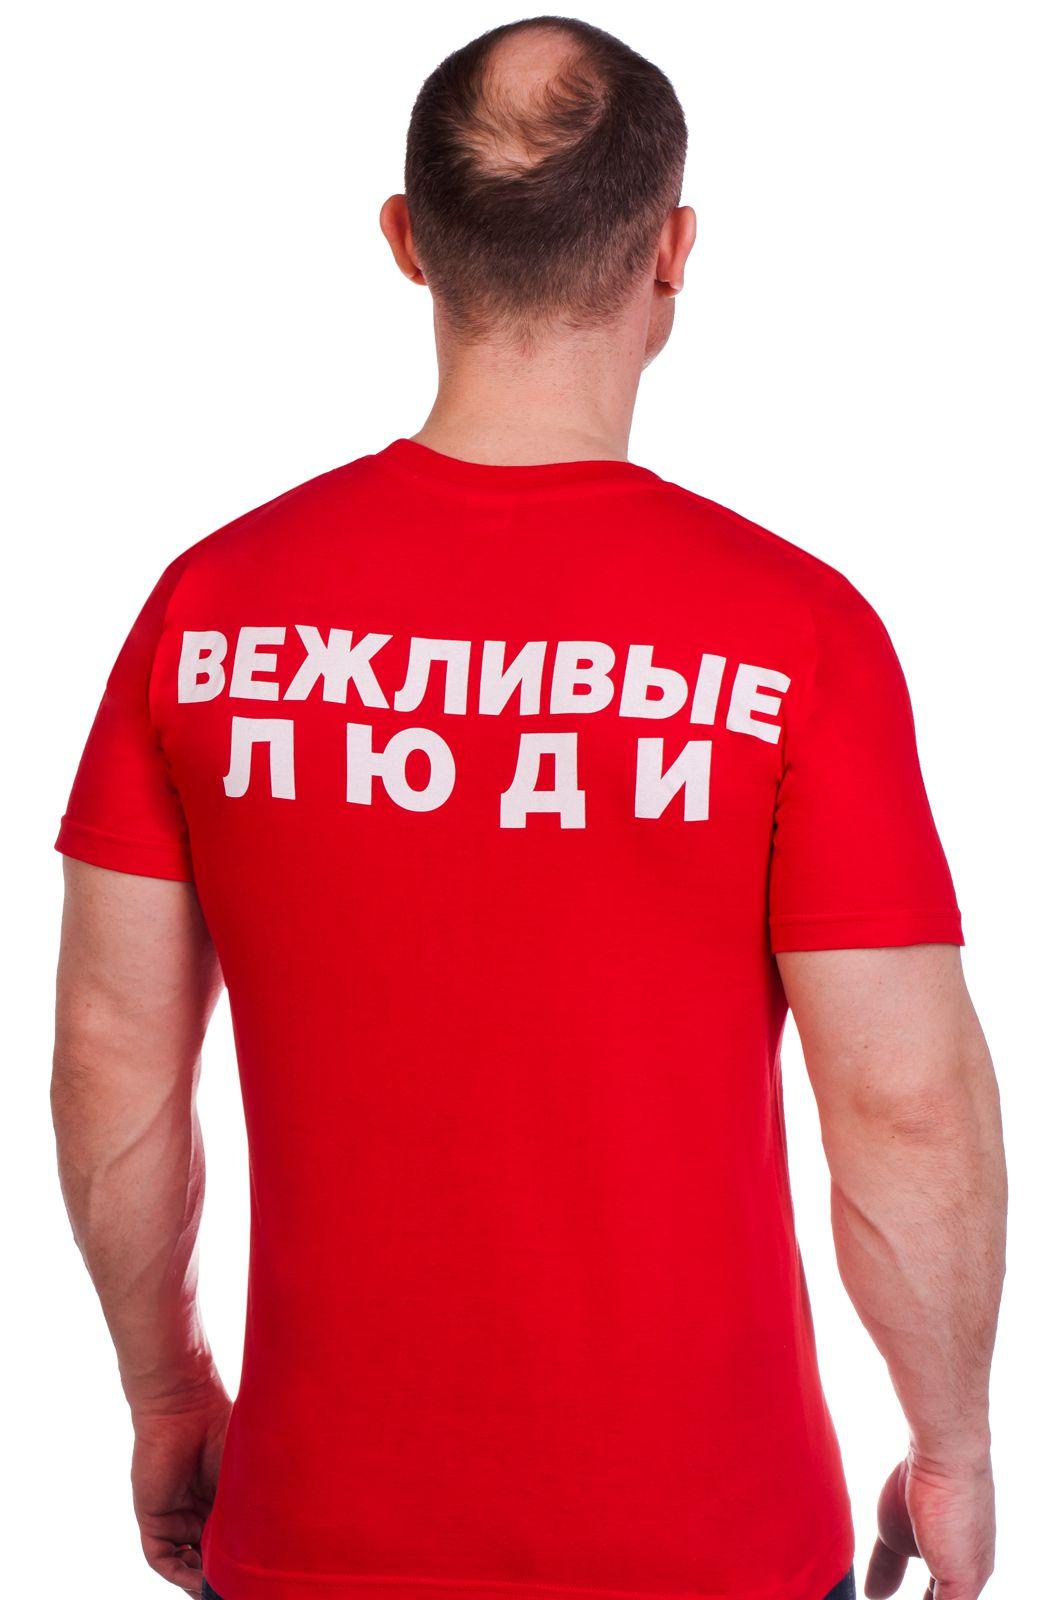 """Футболка """"Вежливые люди"""" в интернет-магазине"""